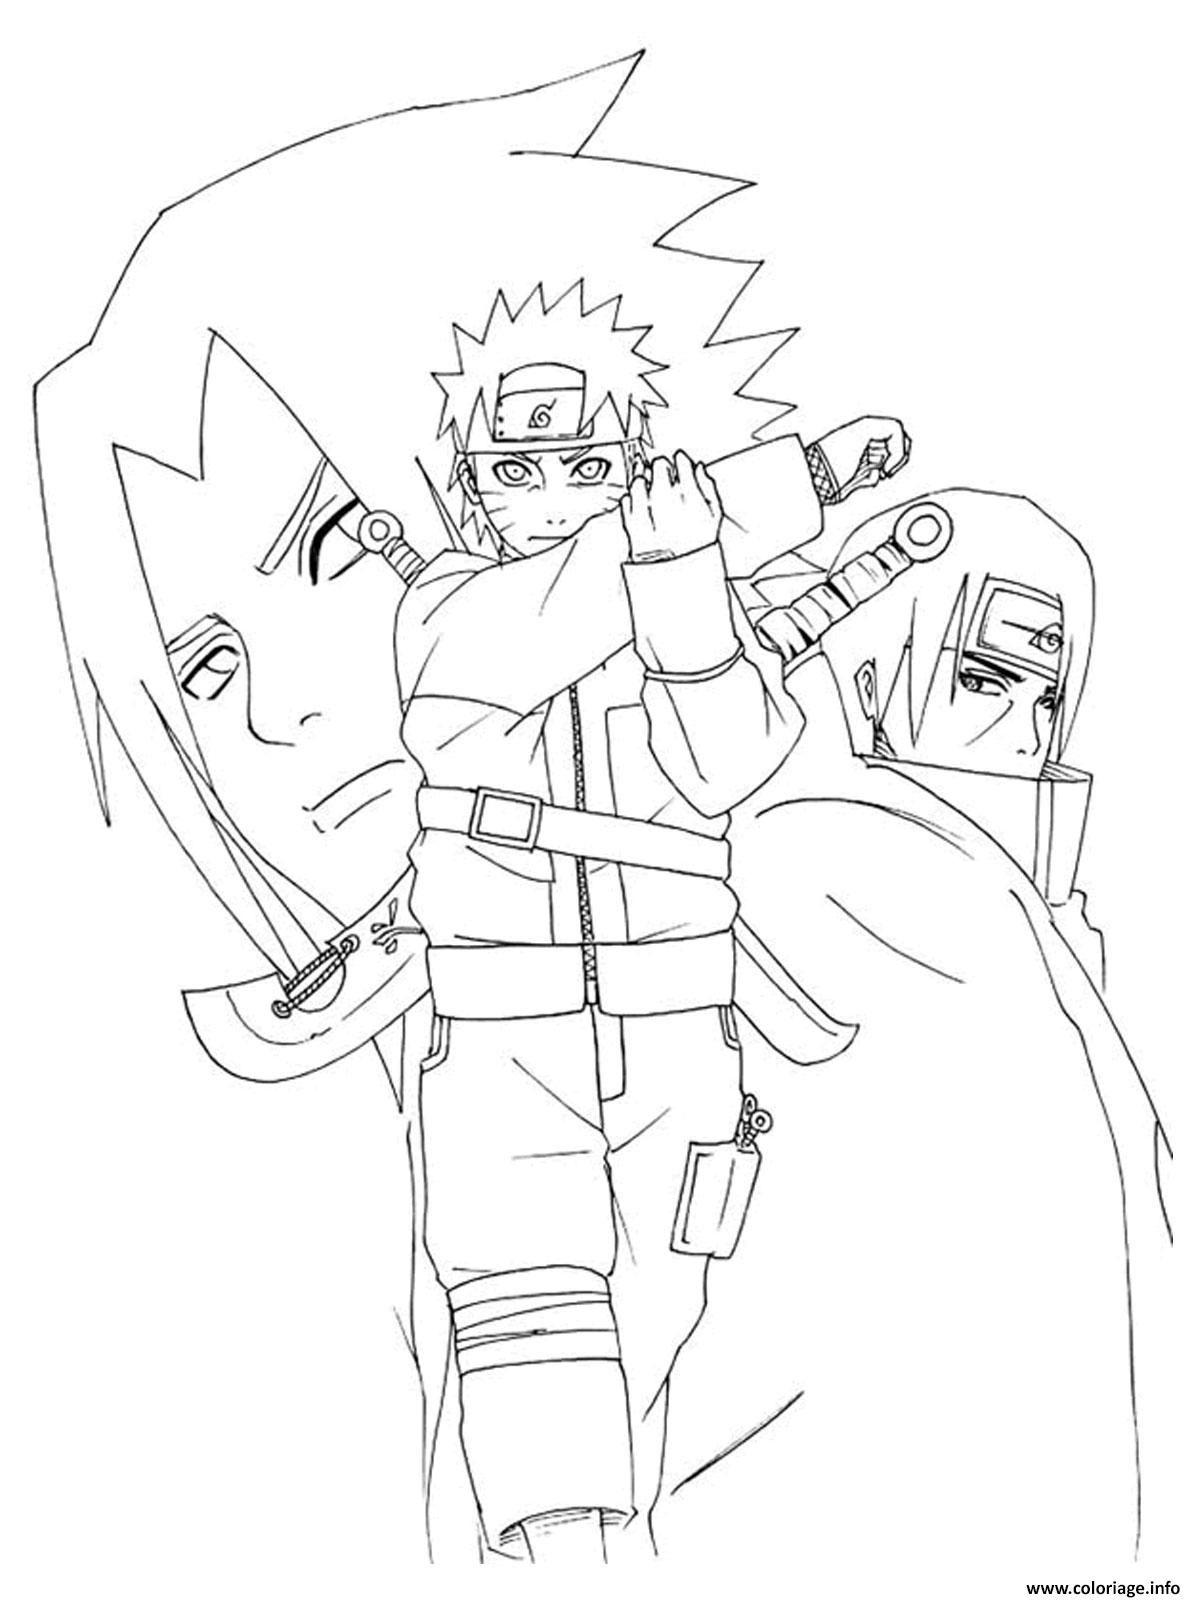 Coloriage Manga Naruto 76 Dessin À Imprimer (Avec Images pour Dessin A Imprimer De Naruto